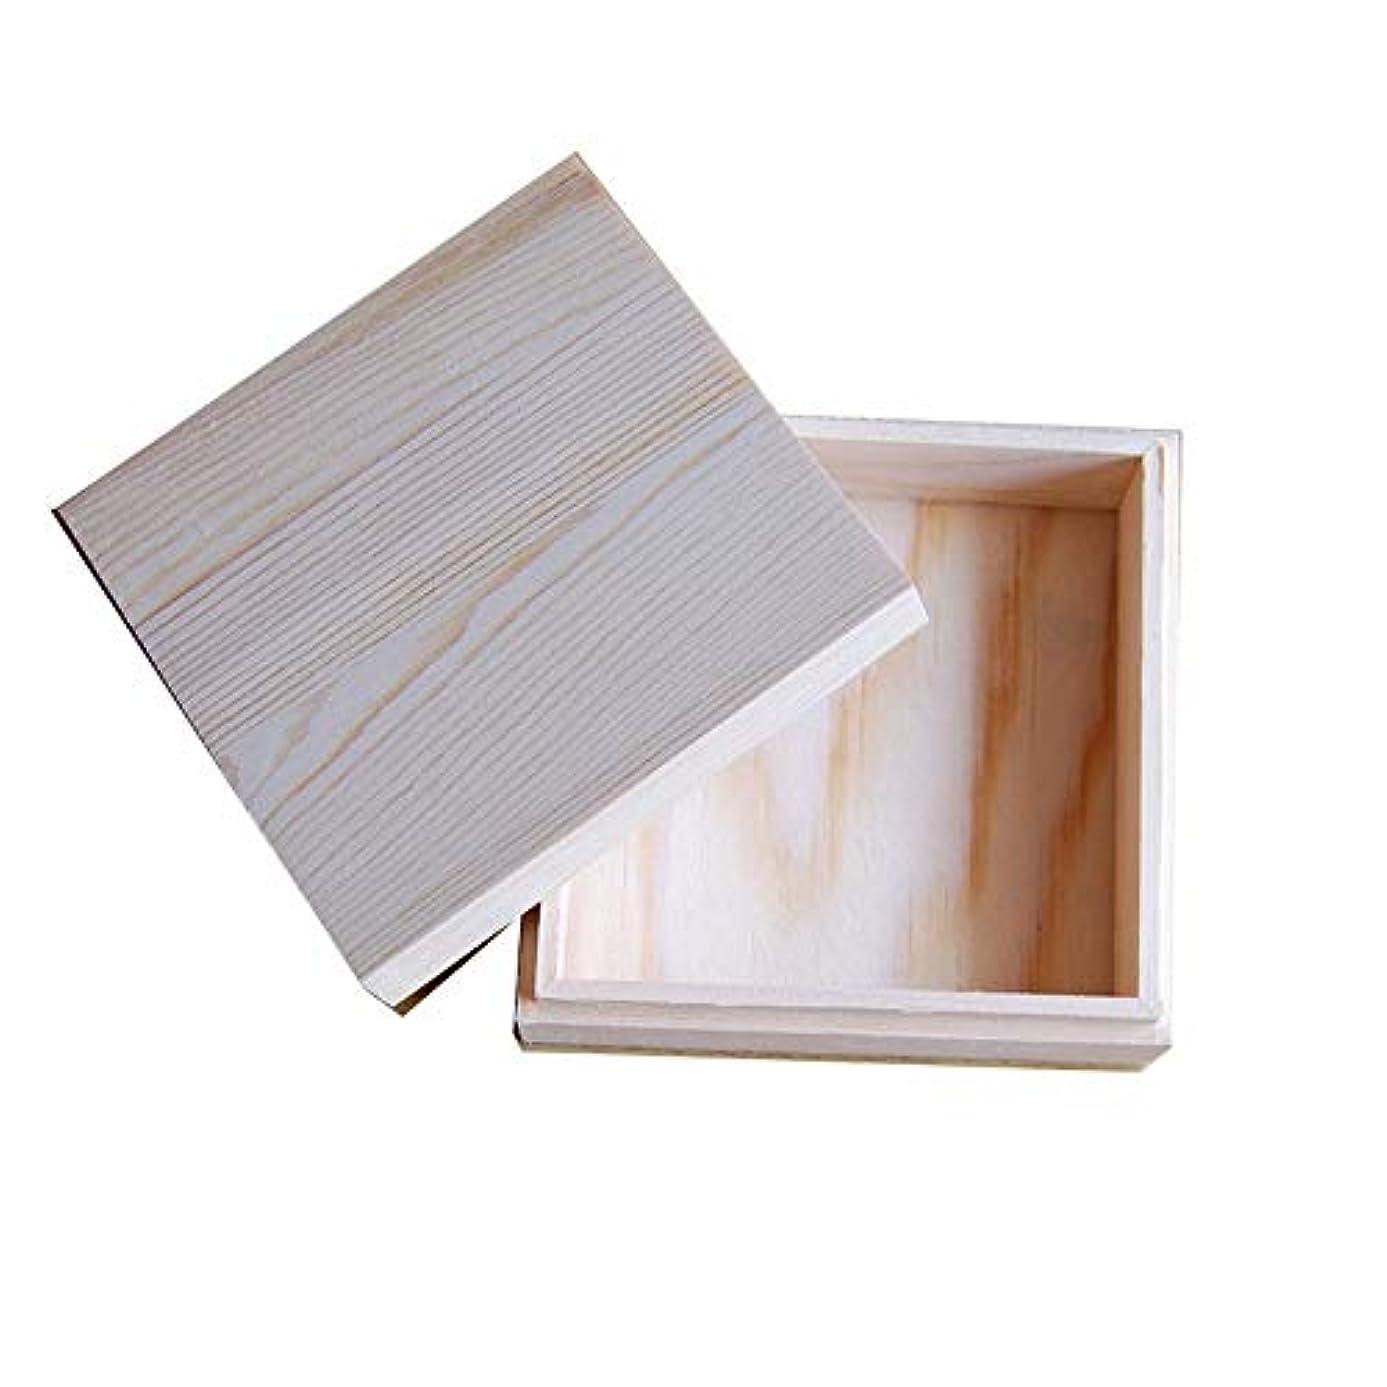 三十見捨てる自分エッセンシャルオイルストレージボックス 木製のエッセンシャルオイルストレージボックス安全に油を維持するためのベスト 旅行およびプレゼンテーション用 (色 : Natural, サイズ : 11.5X11.5X5CM)